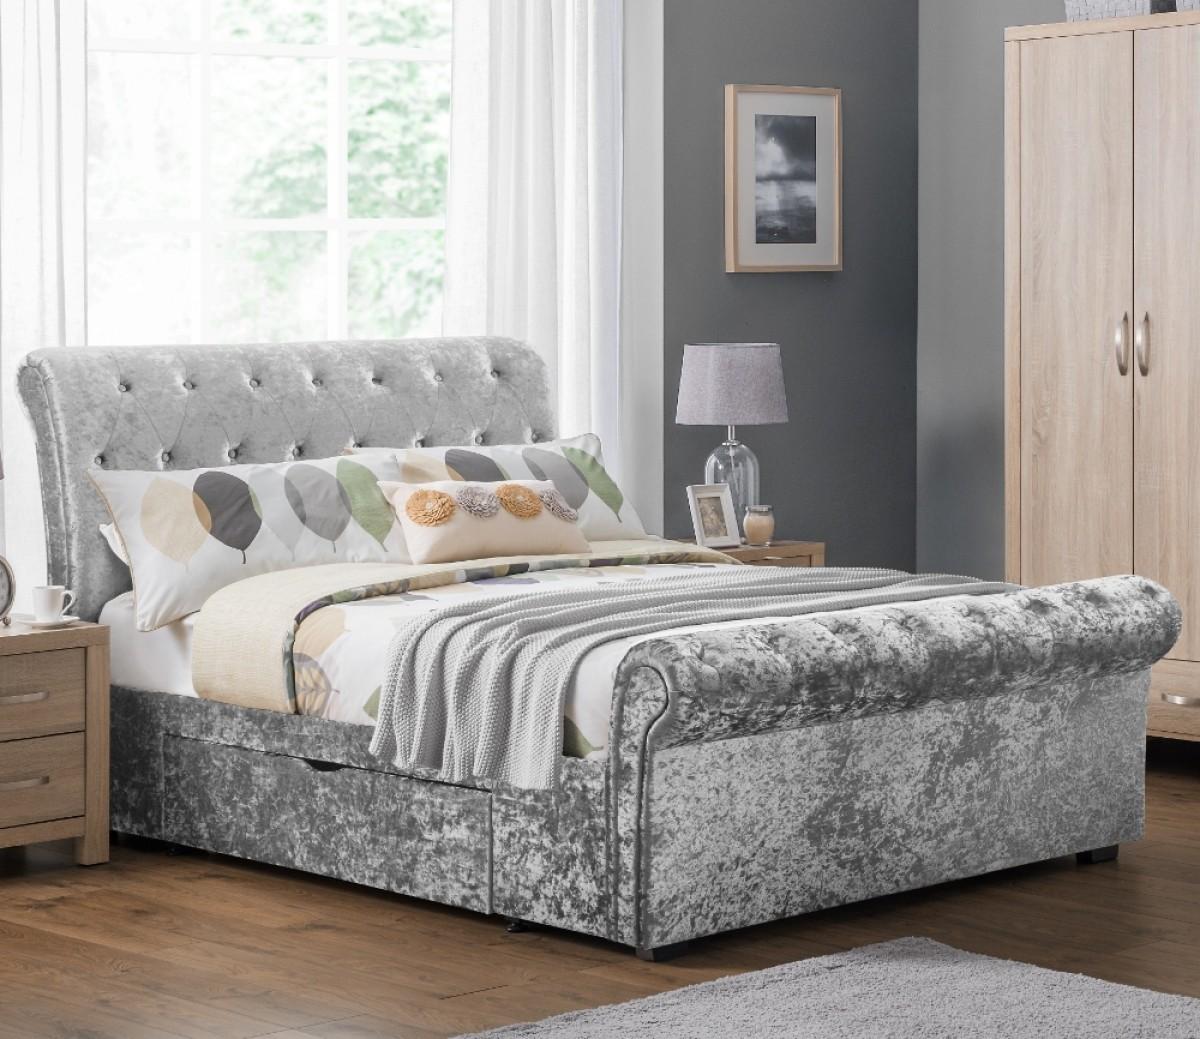 Verona Silver Crushed Velvet 2 Drawer Storage Bed